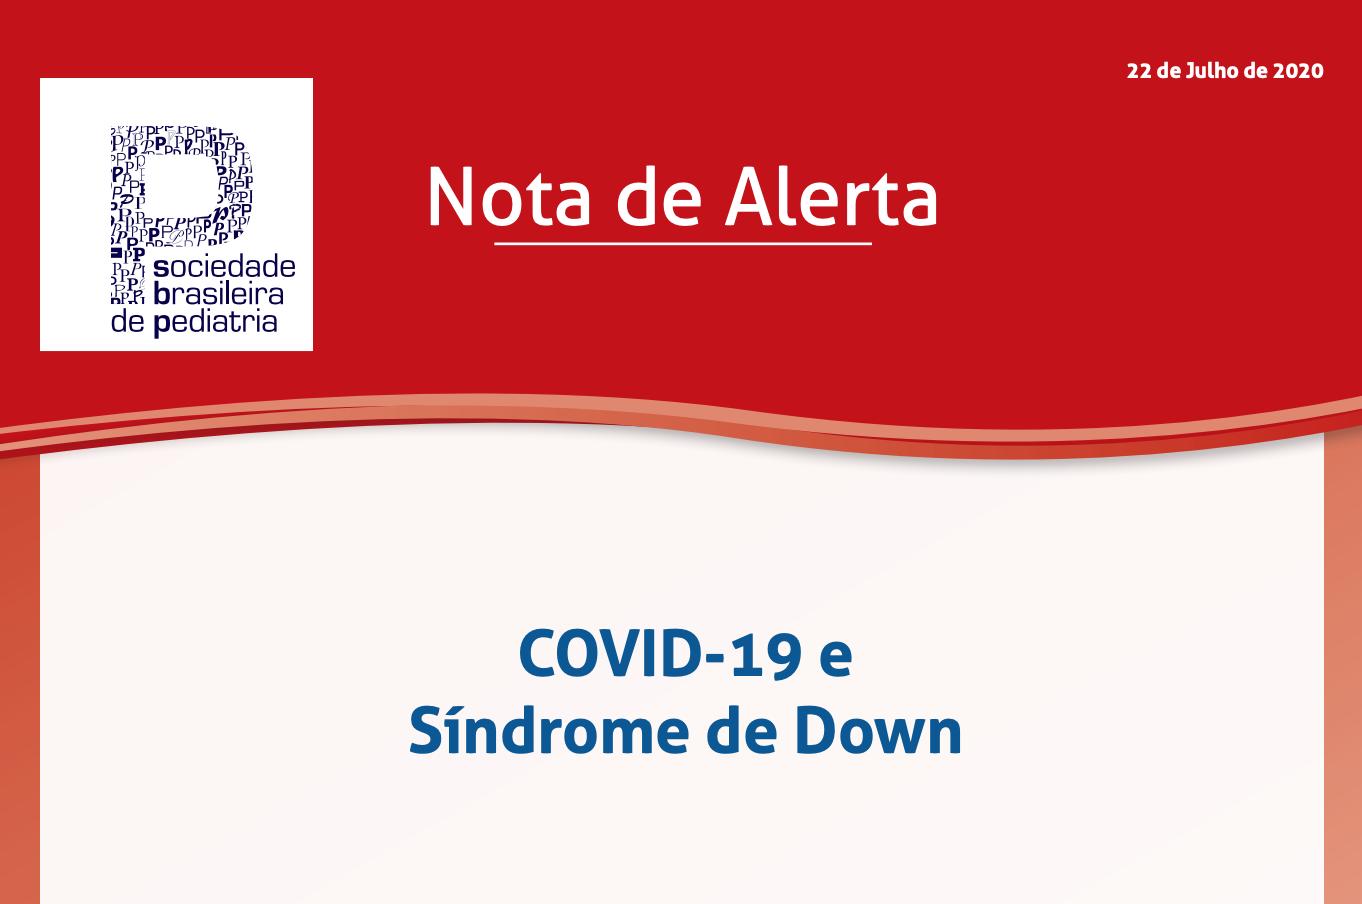 COVID-19 e Síndrome de Down – Sociedade Brasileira de Pediatria